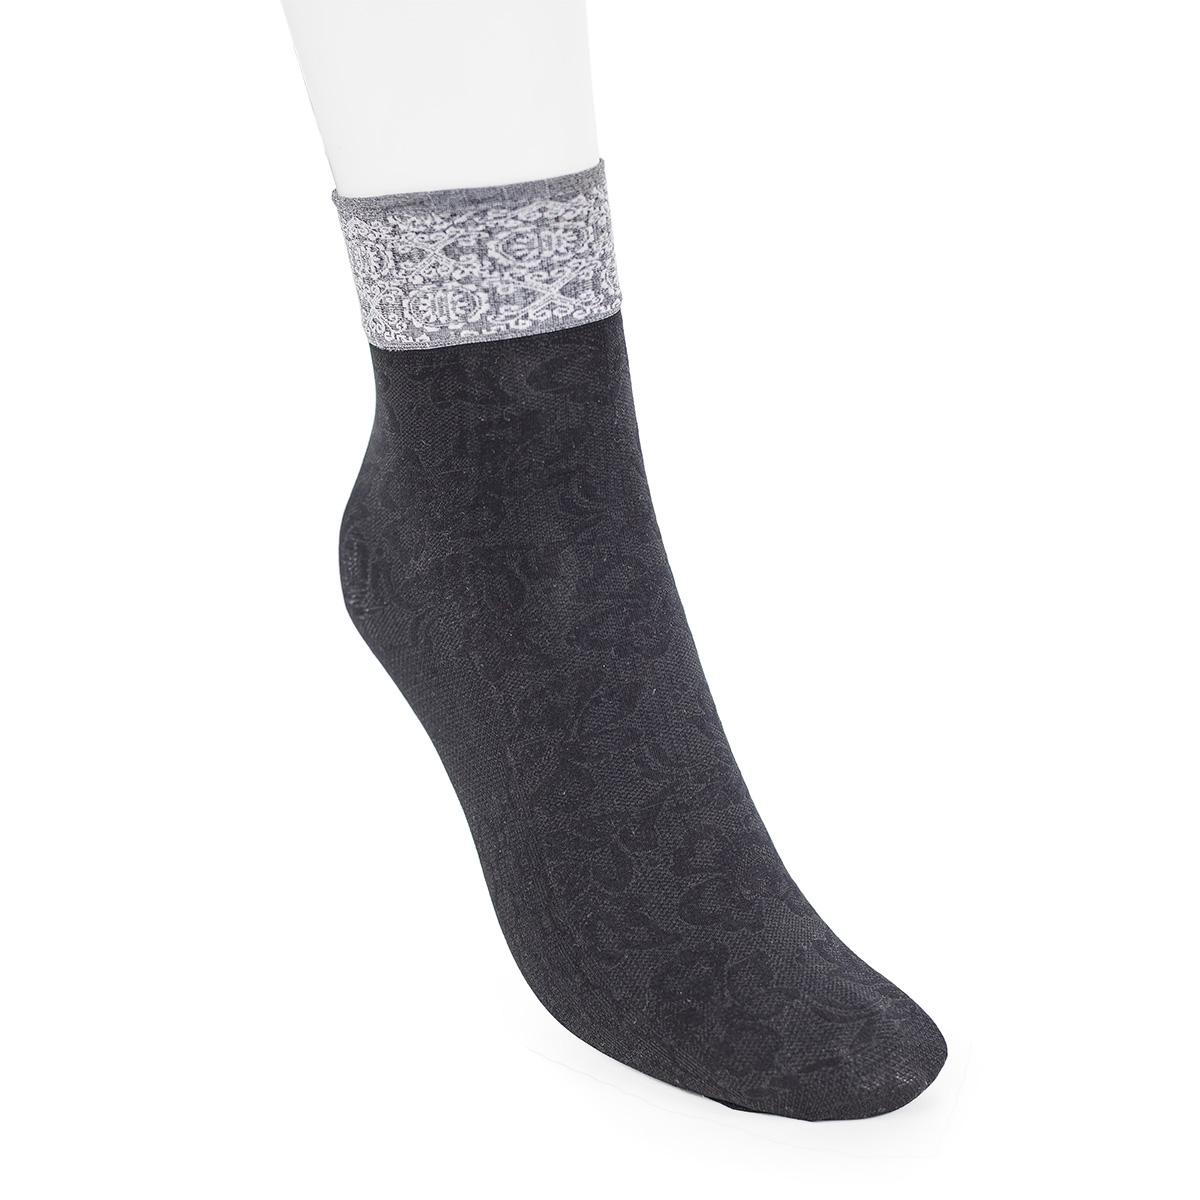 Носки женские капроновые «Ланю», цвет ТелесныйНоски и чулки<br><br><br>Тип: Жен. носки<br>Размер: 36-41<br>Материал: Полиэстер